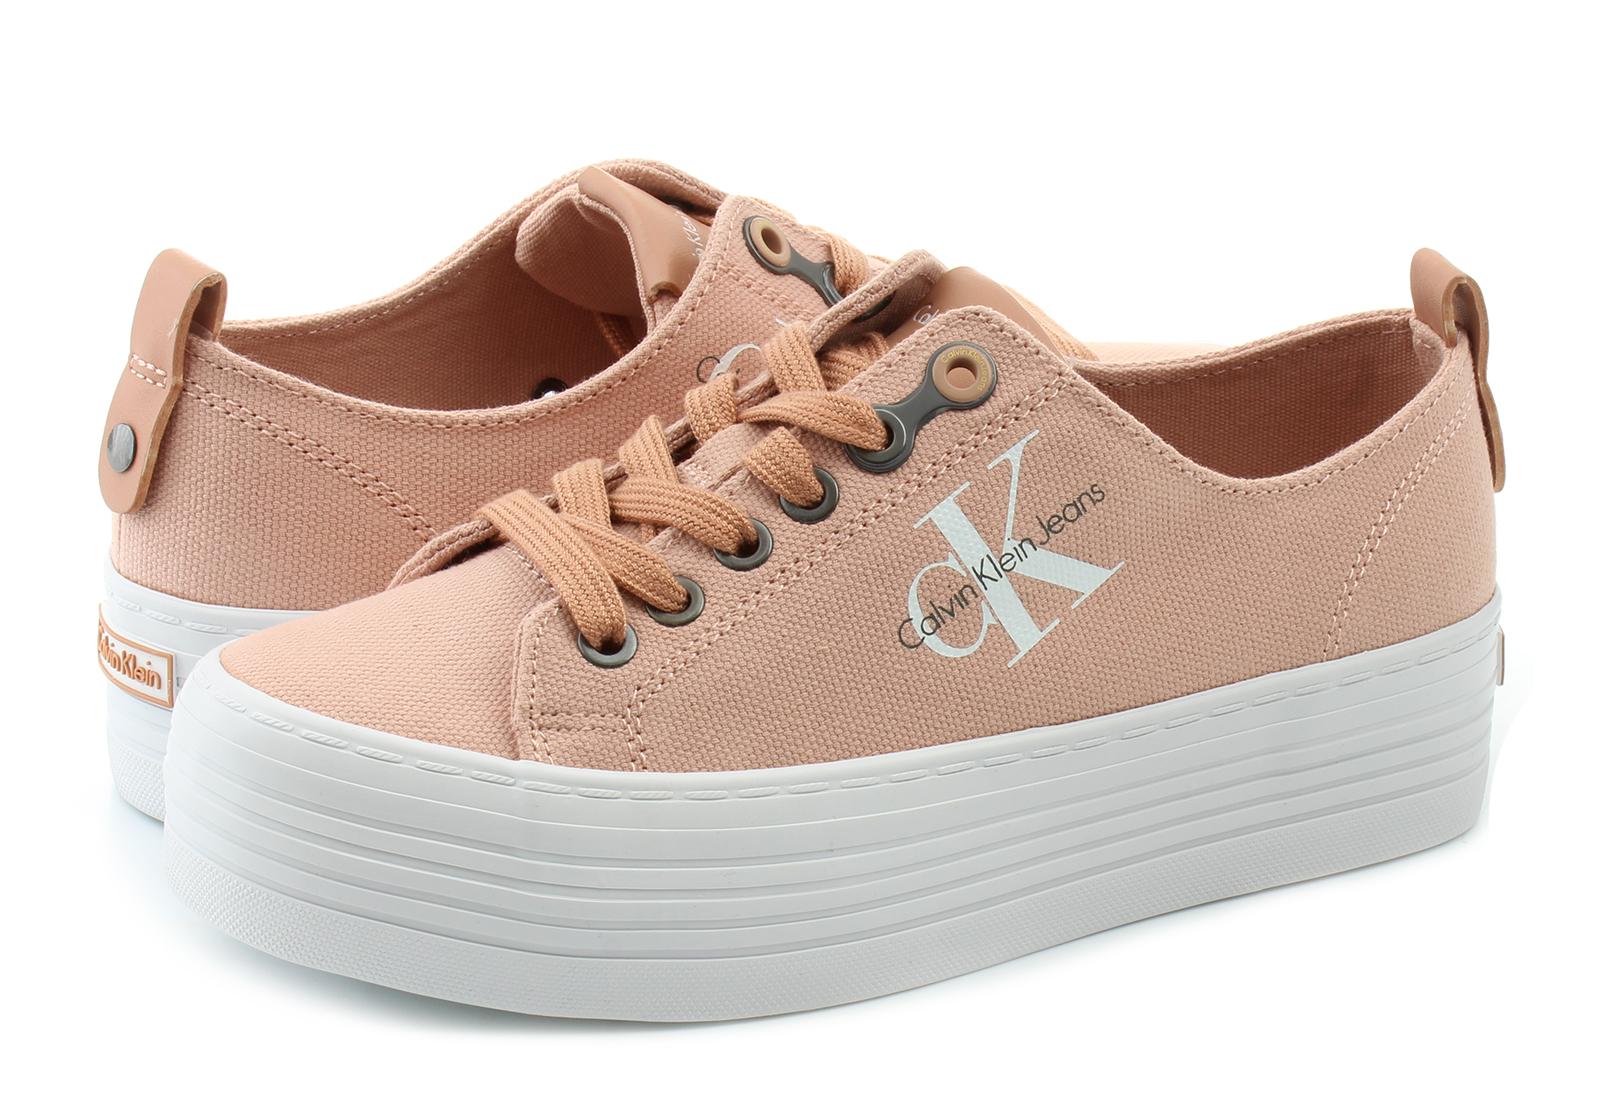 94e1ca812c Calvin Klein Jeans Cipő - Zolah - R0673-DSK - Office Shoes Magyarország